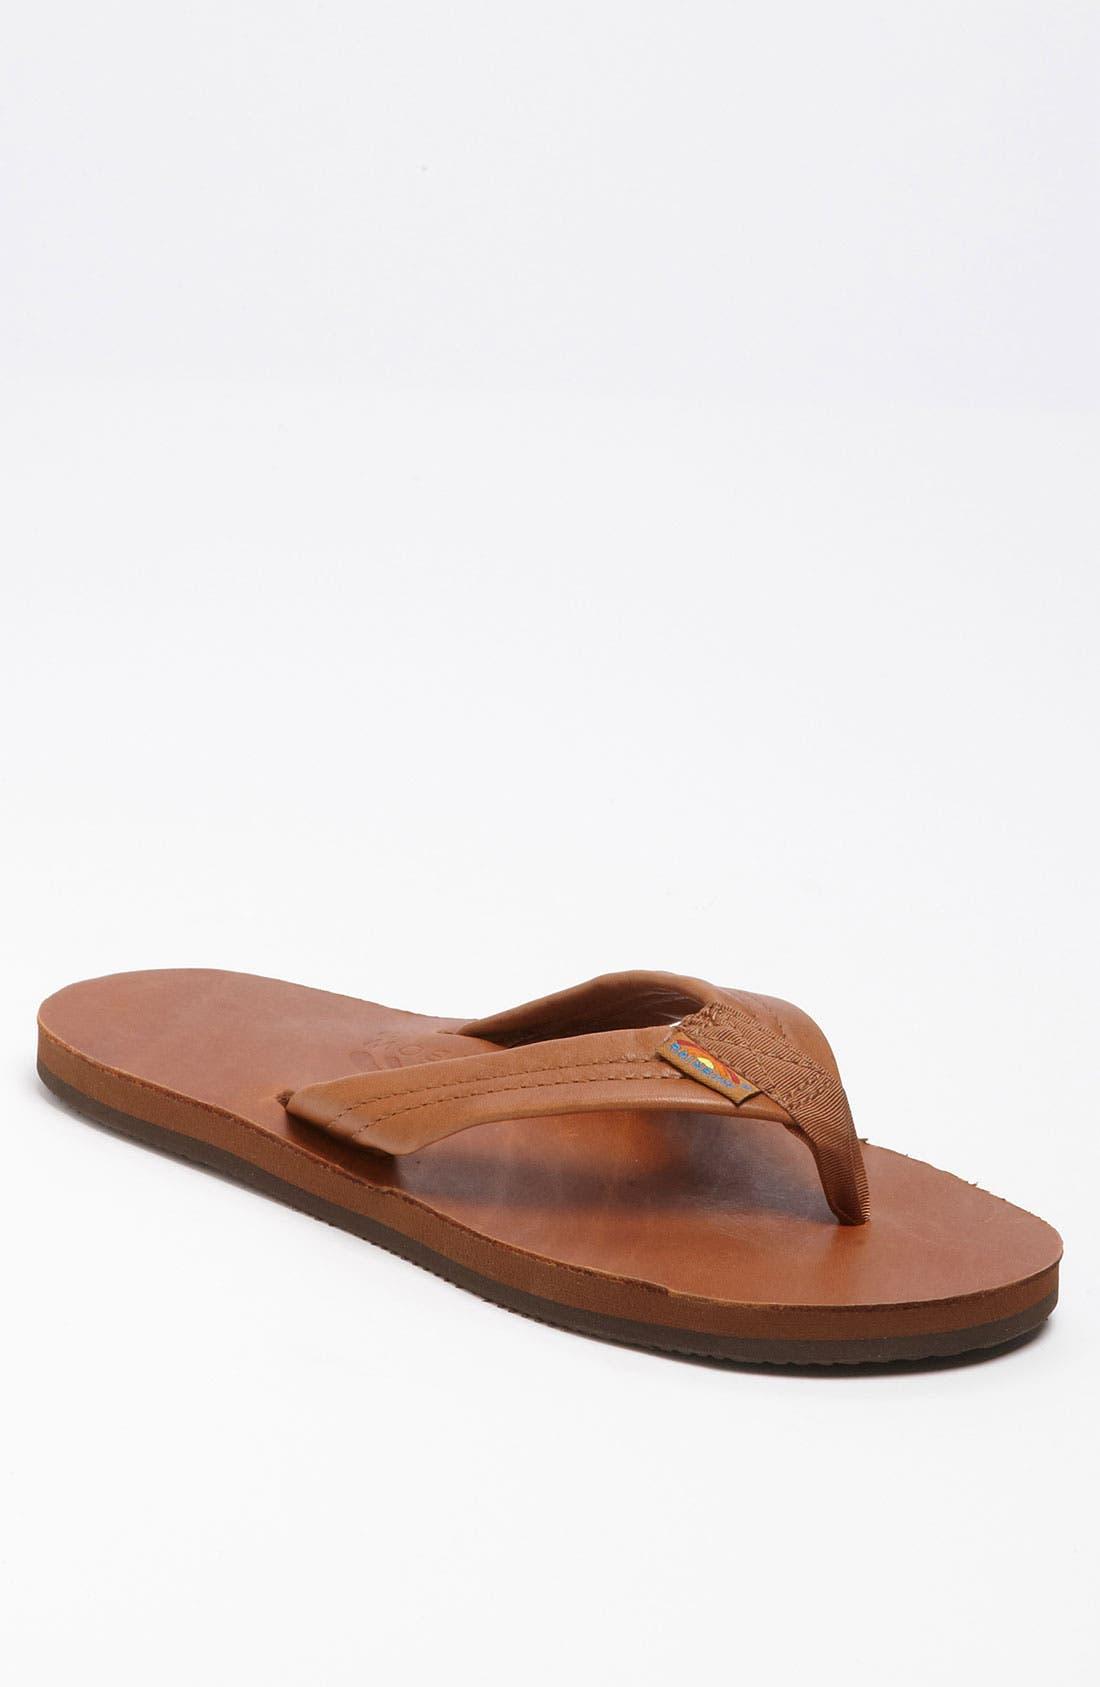 8fabbcb4ee64 Rainbow Sandals   Flip-Flops